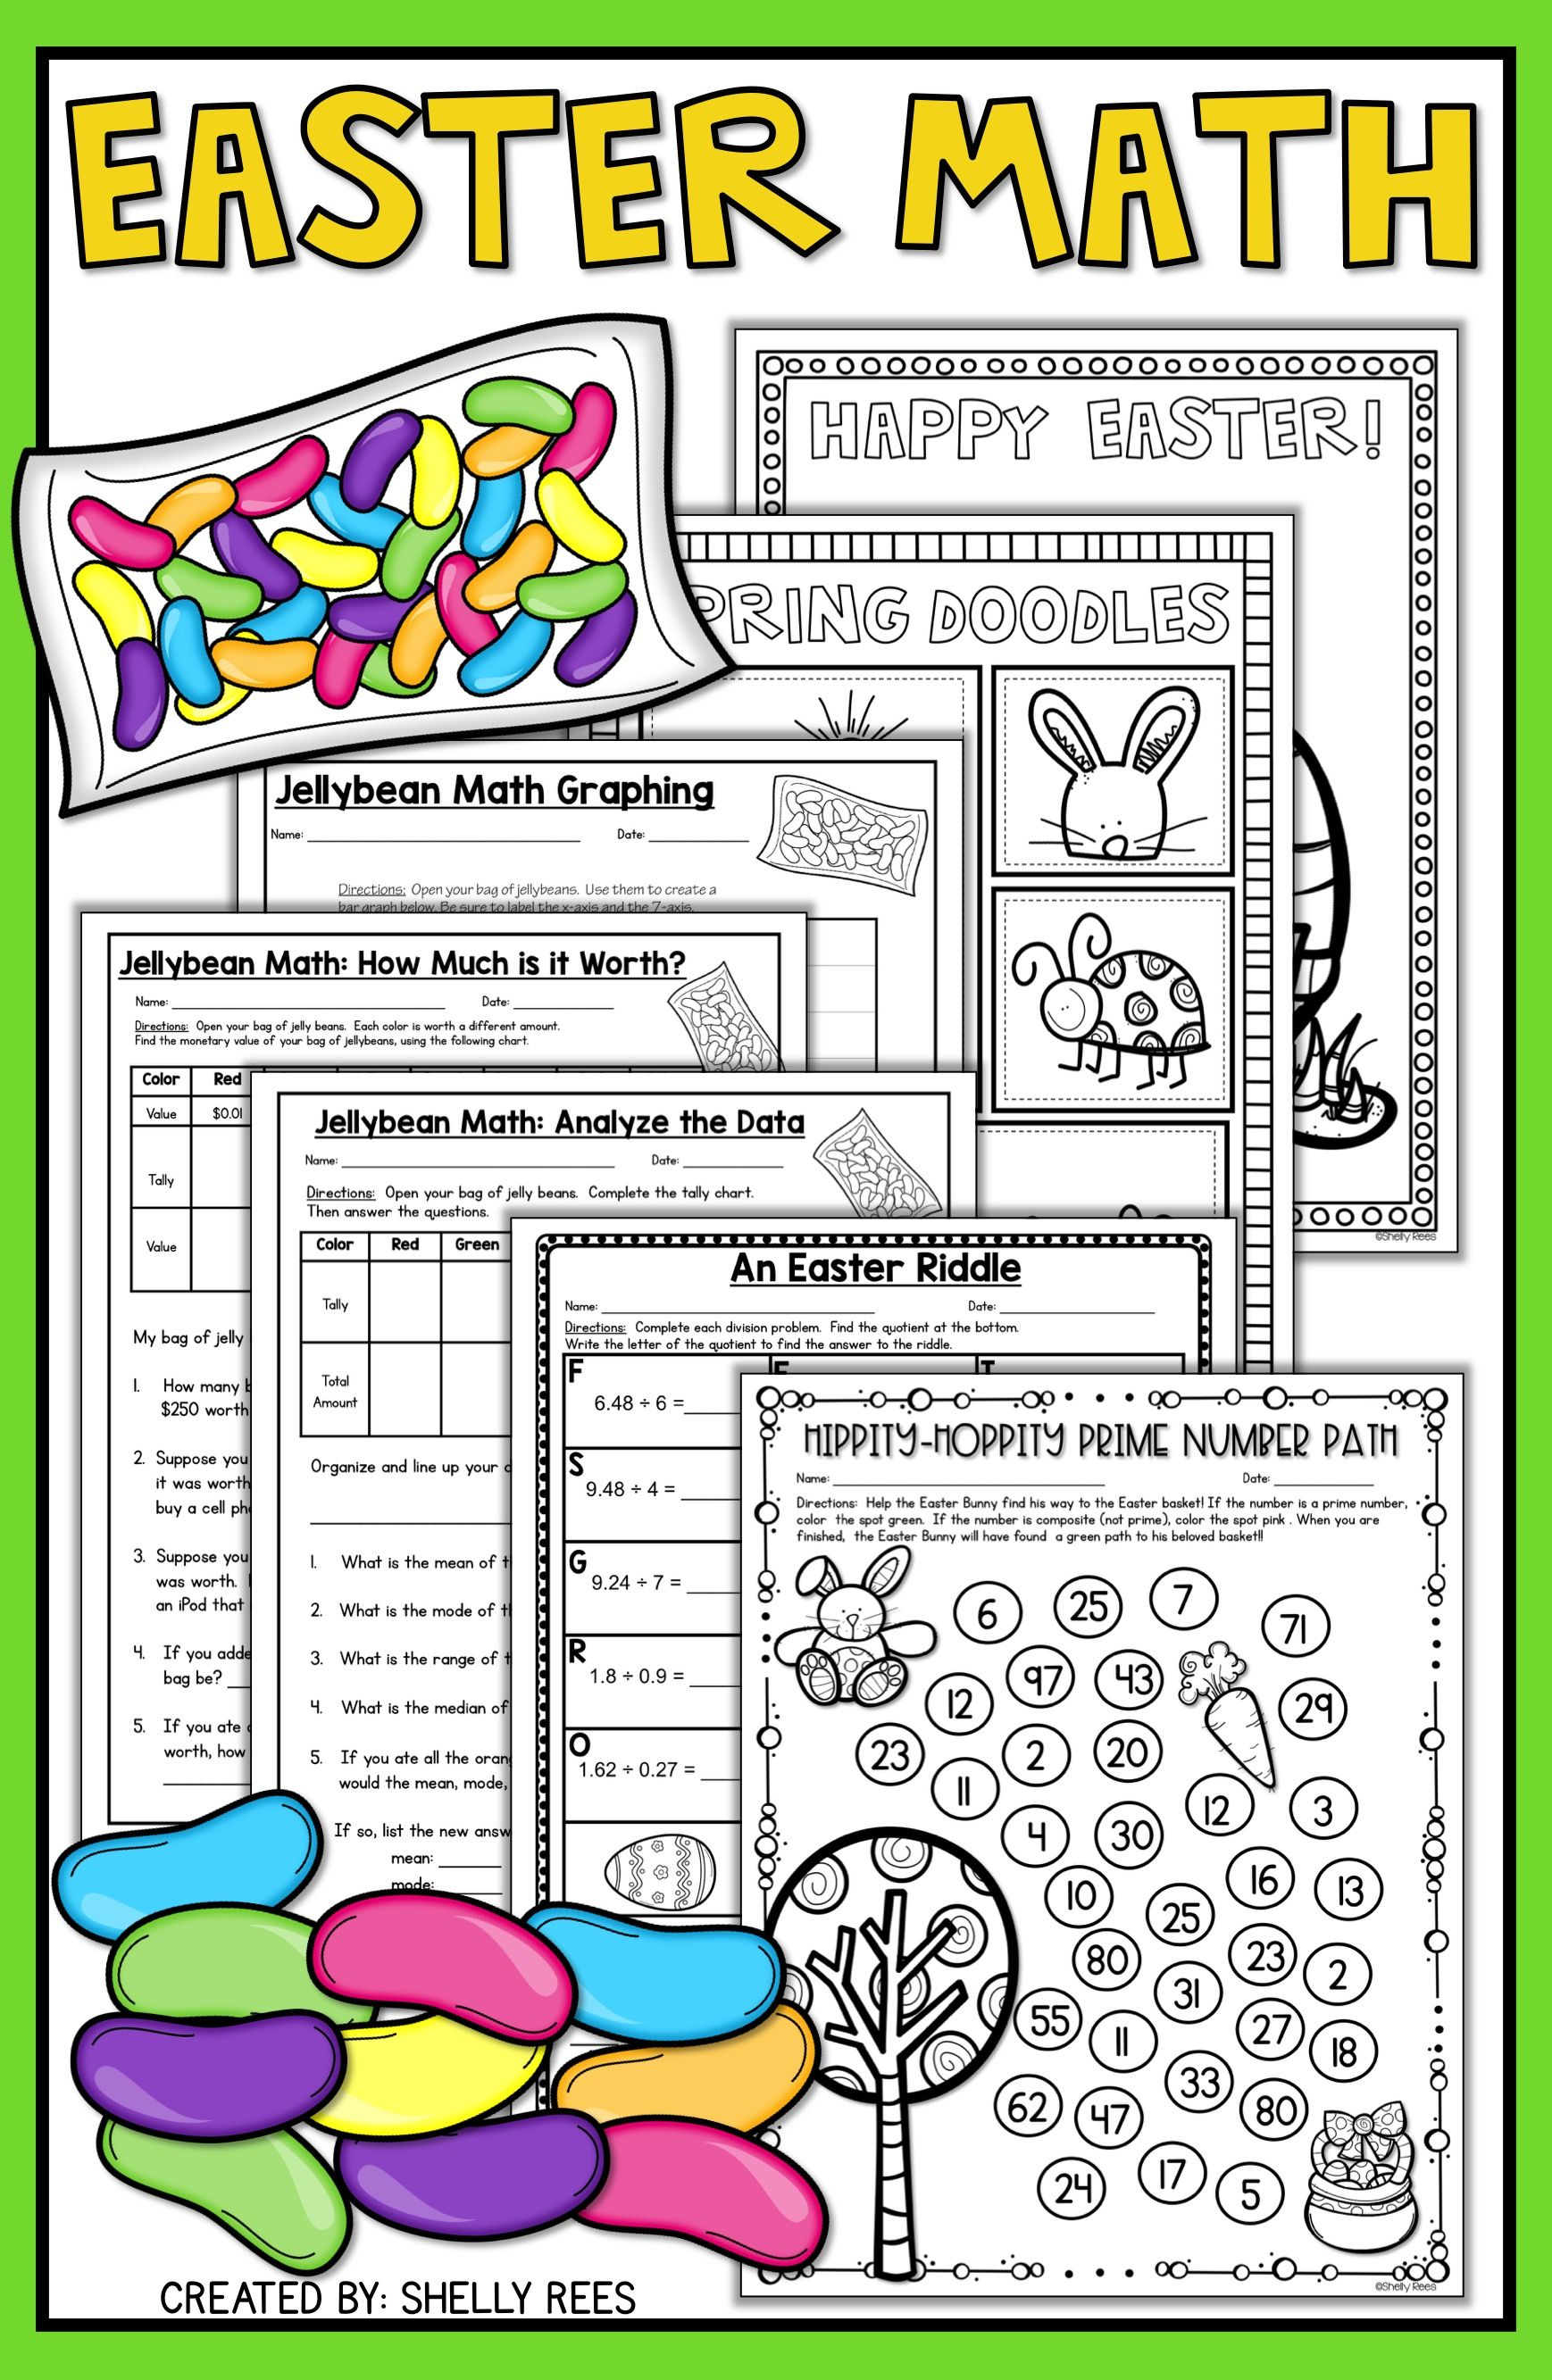 Easter Math Worksheets - Jellybean Math - Easter Activities   Easter math [ 2666 x 1738 Pixel ]